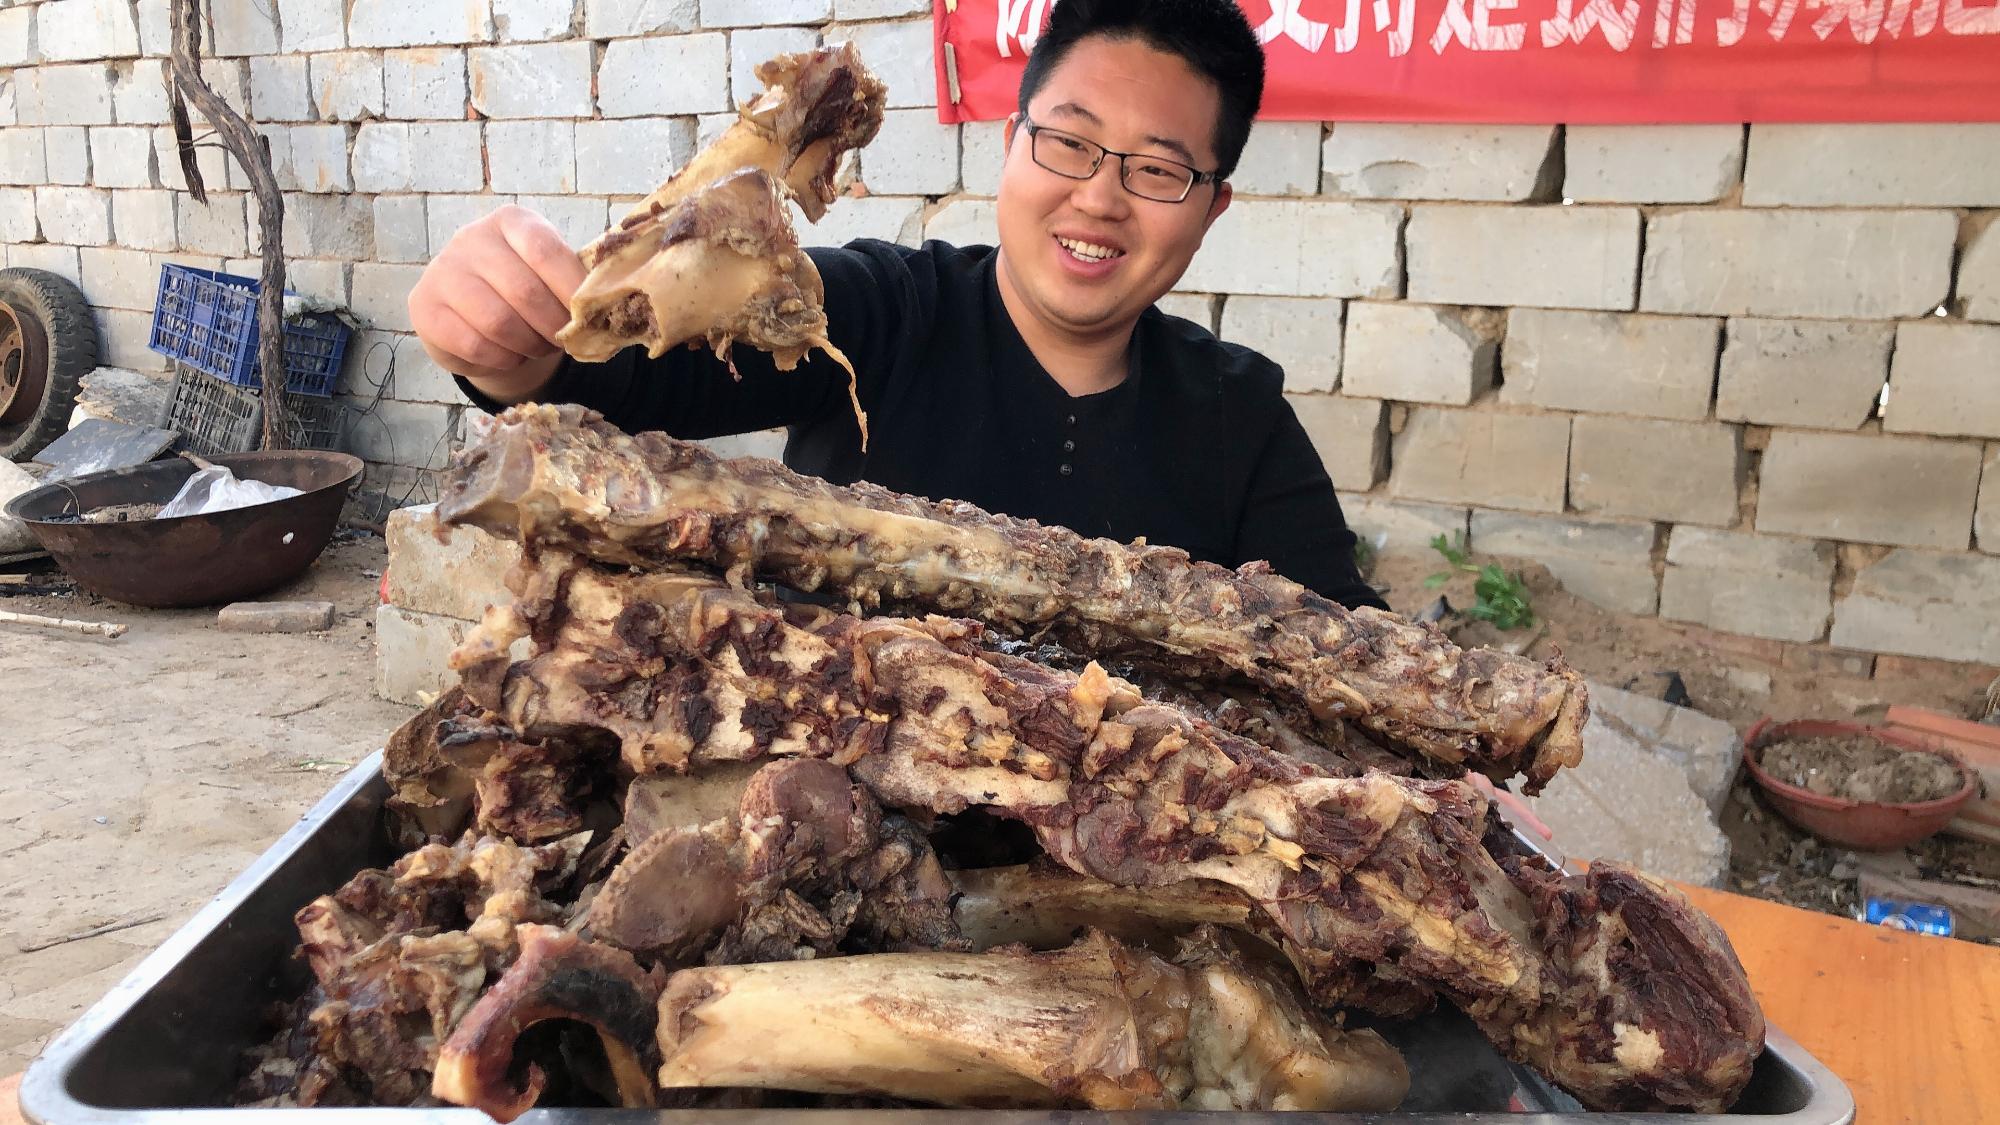 350元买一套驴架子,整头驴的骨头,满满的一大盆,啃起来过瘾!